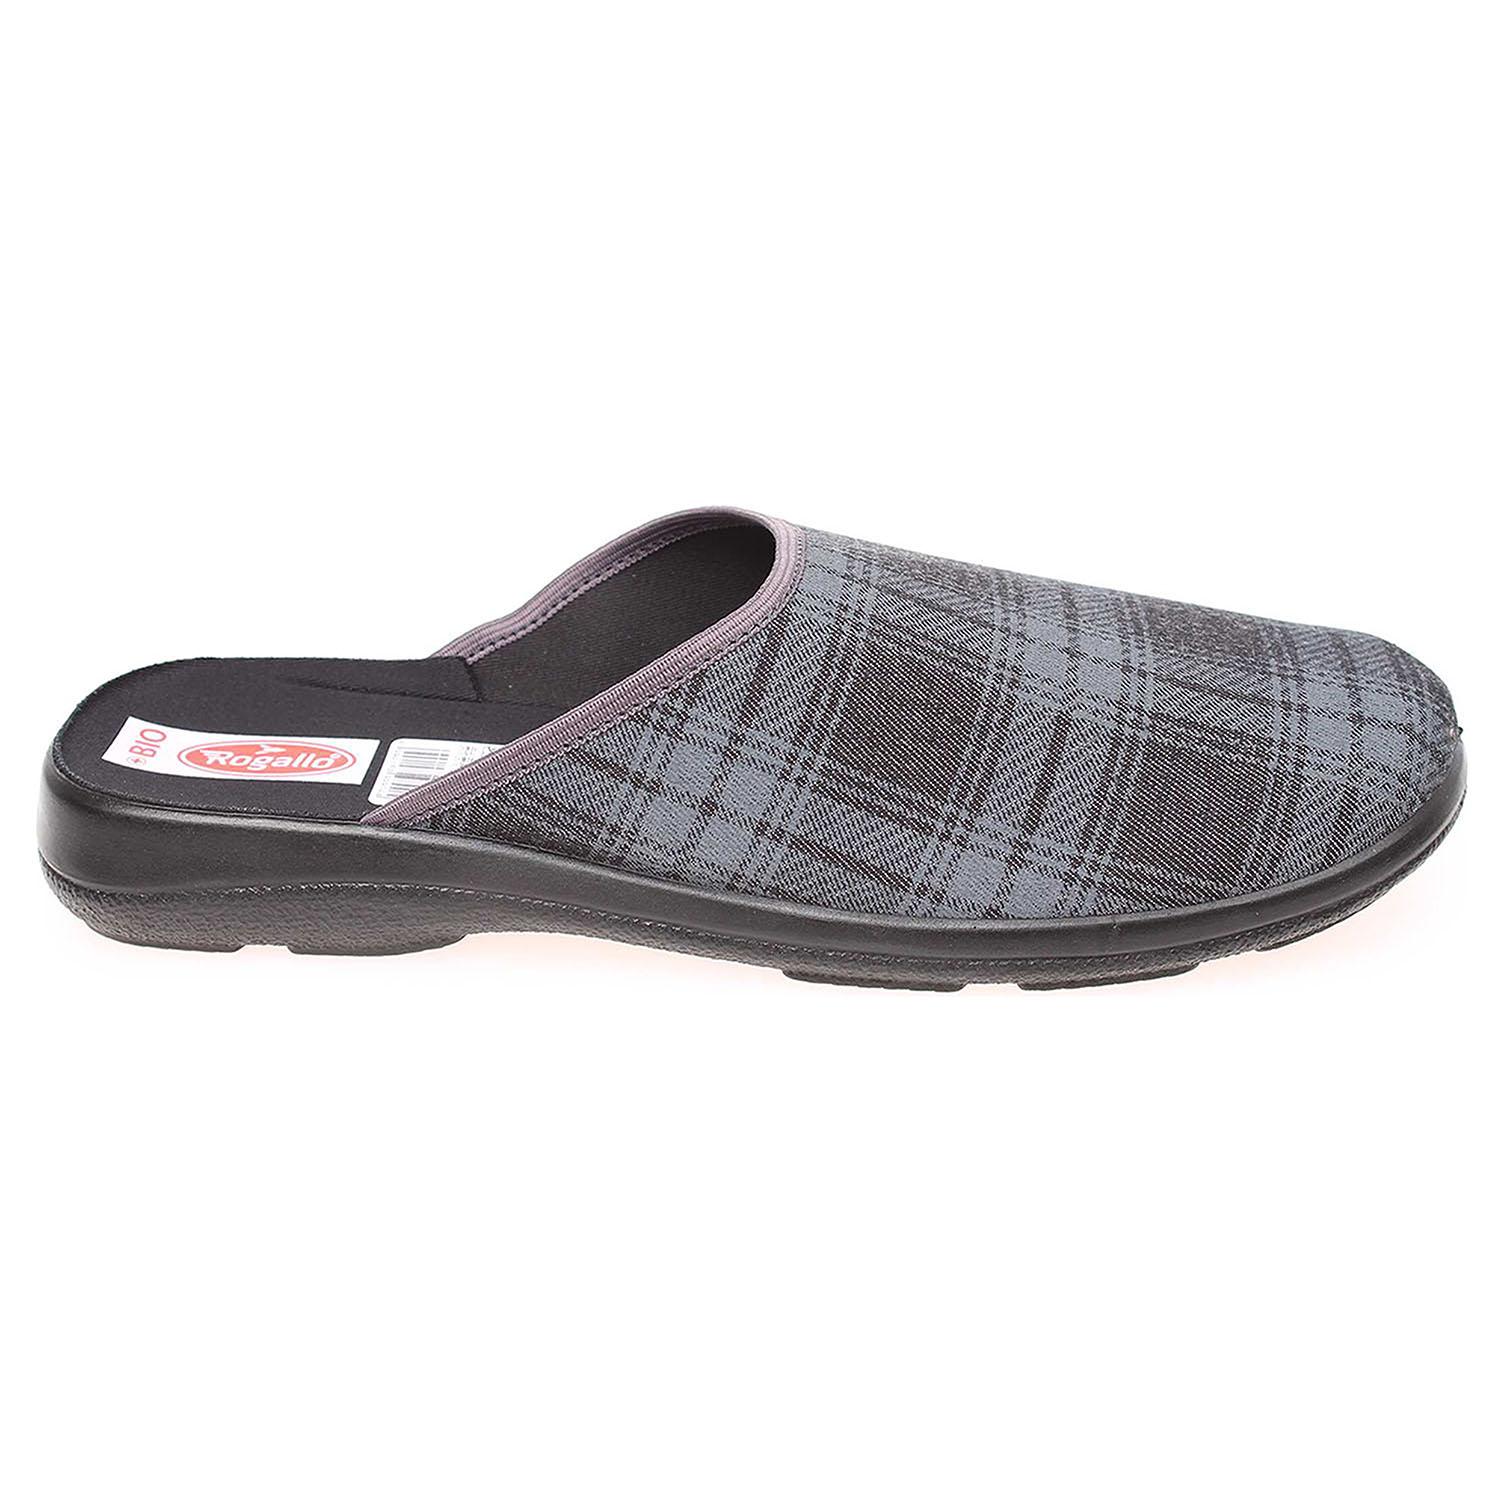 Rogallo pánské domácí pantofle 18926 modré 43